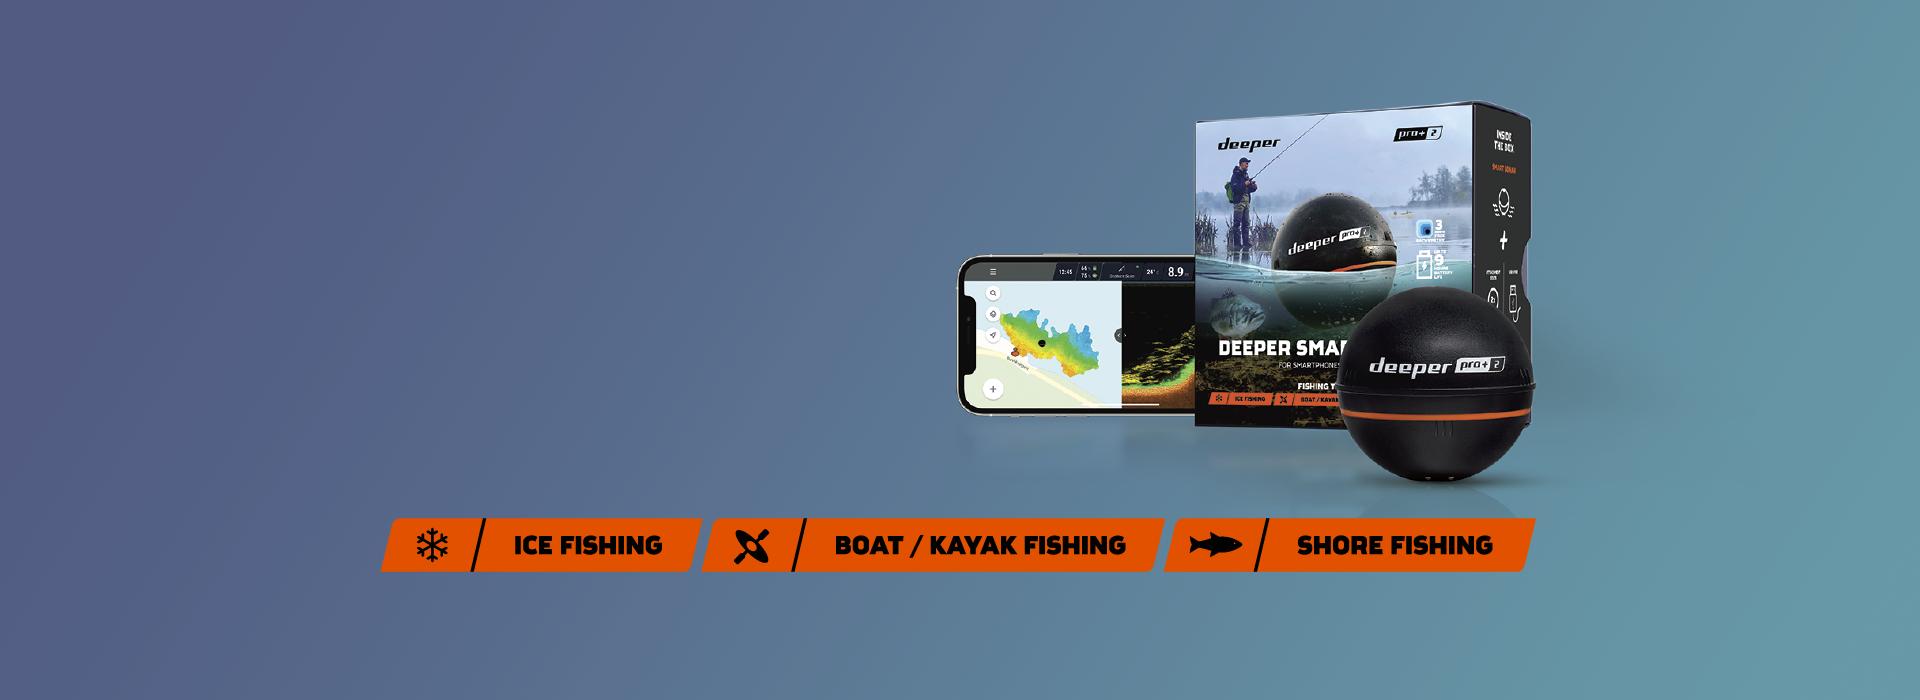 Le nouveau Deeper PRO+ 2 !  Apprécié des pêcheurs du monde entier. Désormais amélioré et mieux que jamais.